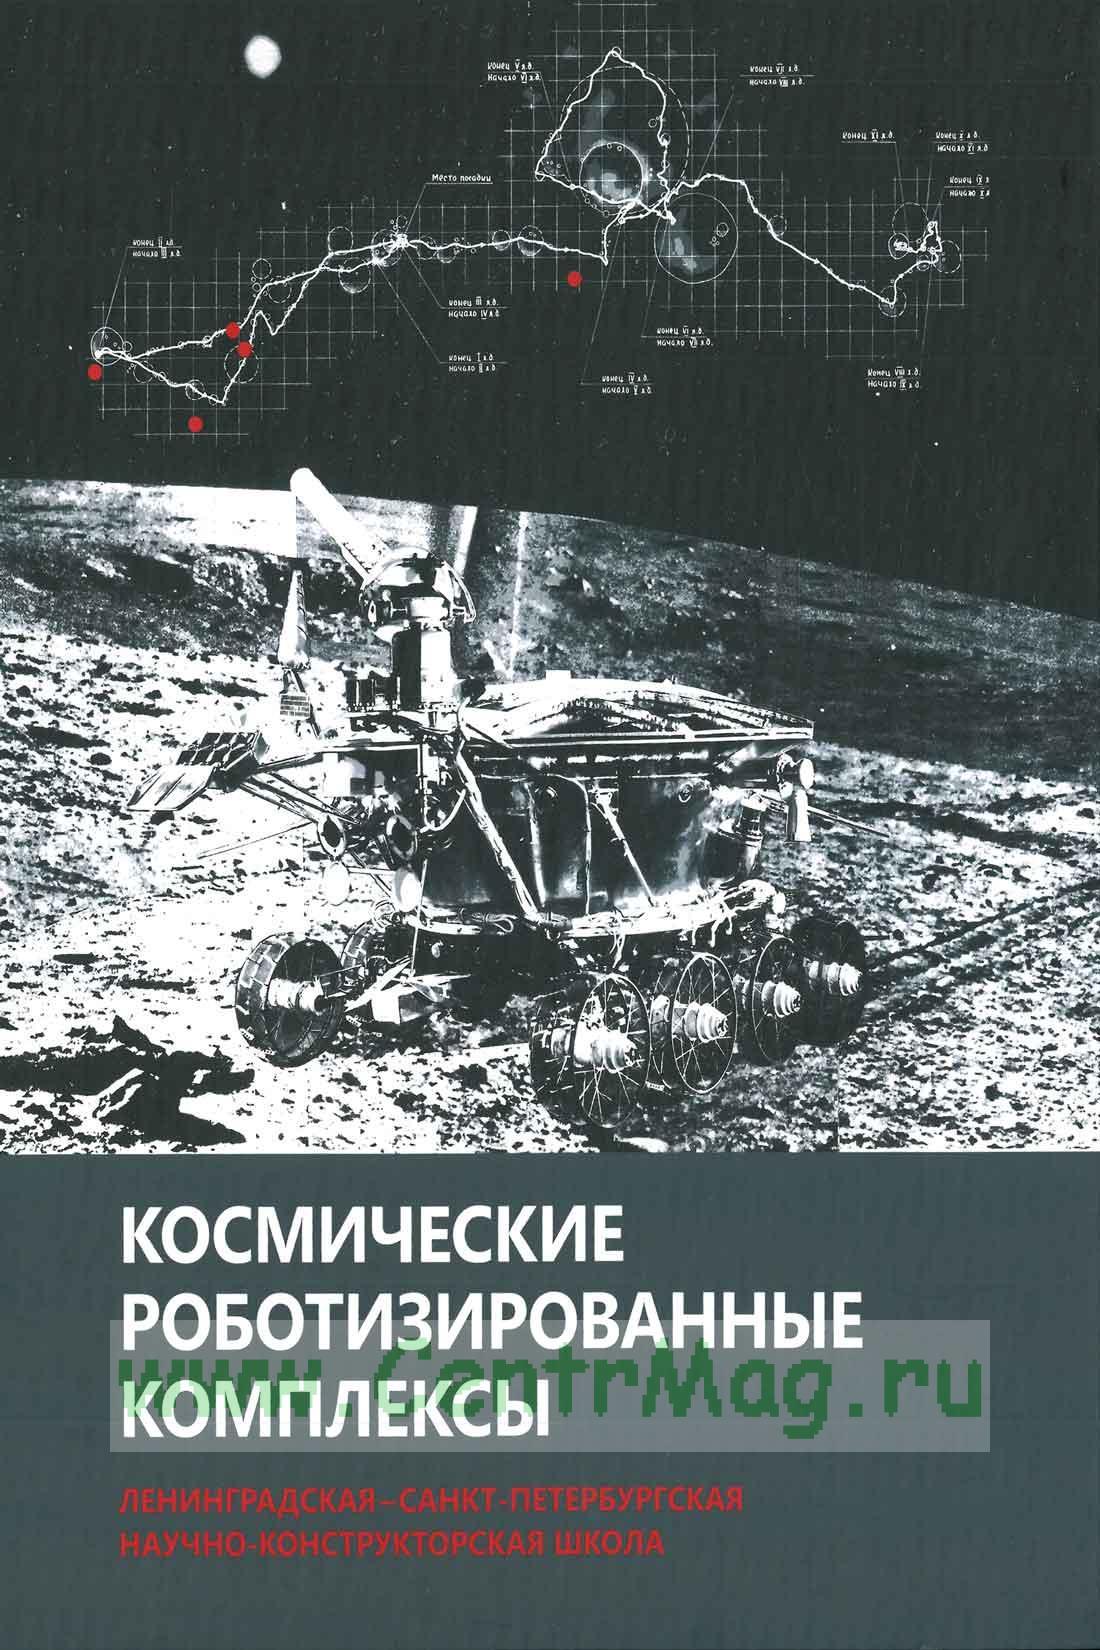 Космические роботизированные комплексы. Ленинградская - Санкт-Петербургская научно-конструкторская школа